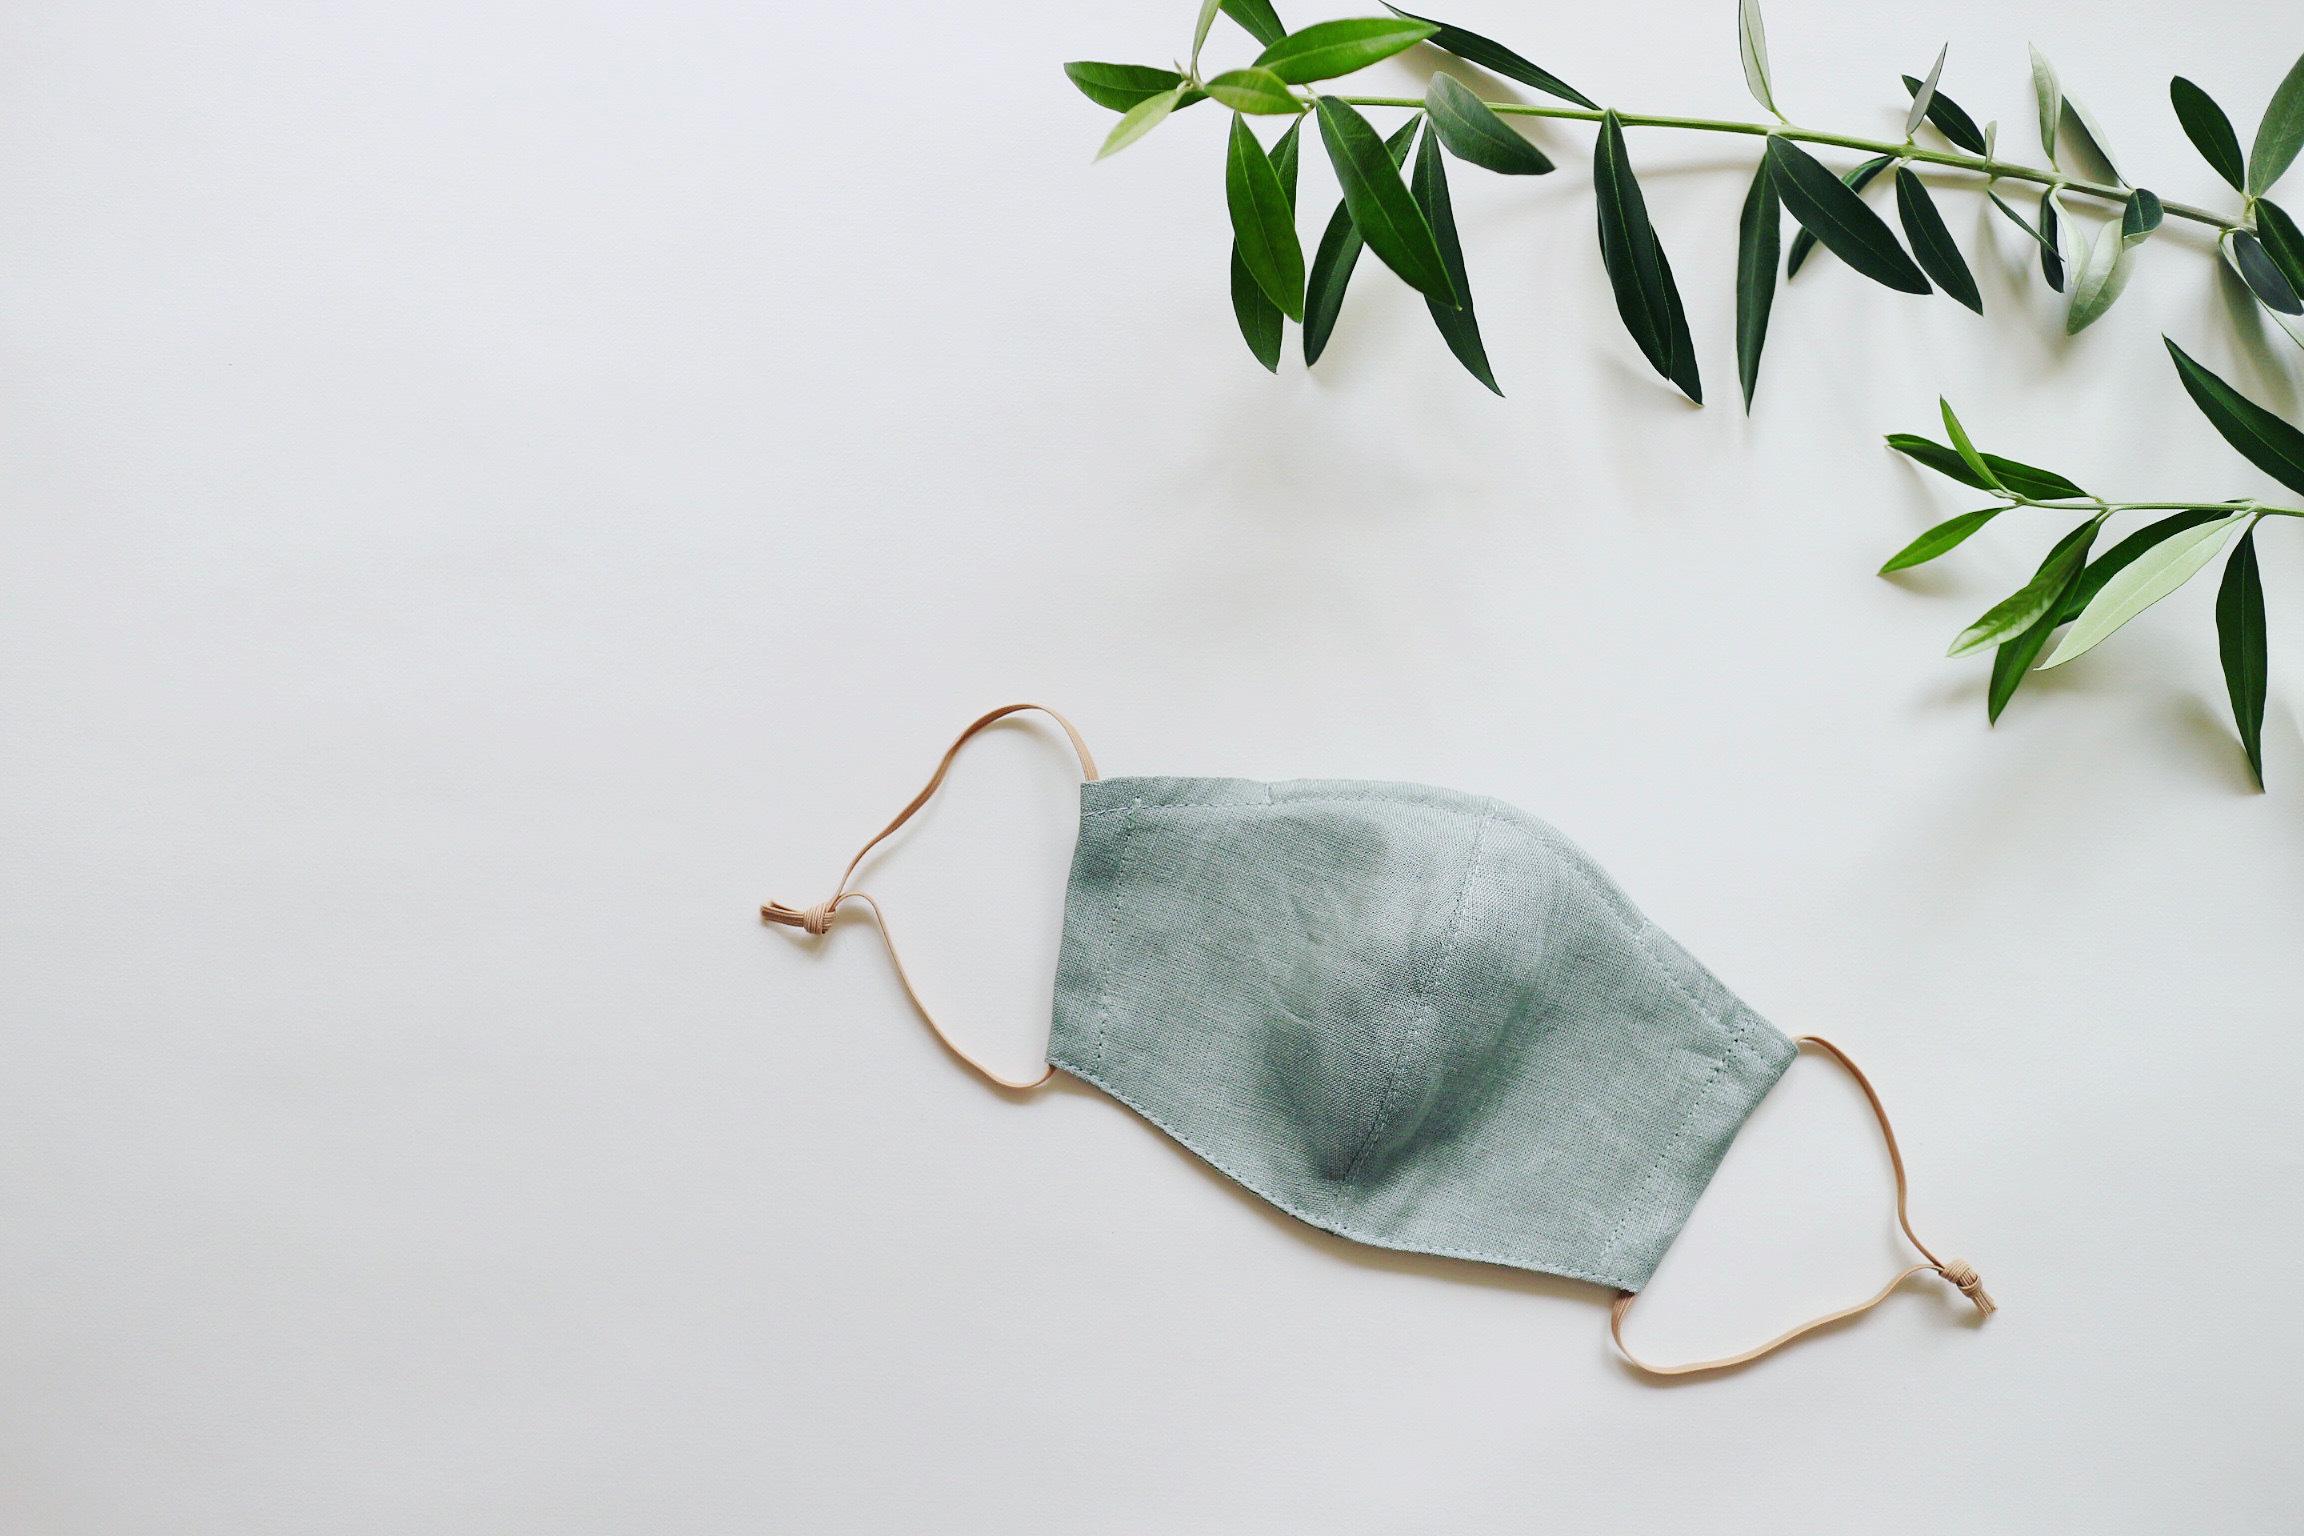 リネンのカラーマスク(リバーシブル) クスミント × シルクリネンオフホワイト 1枚